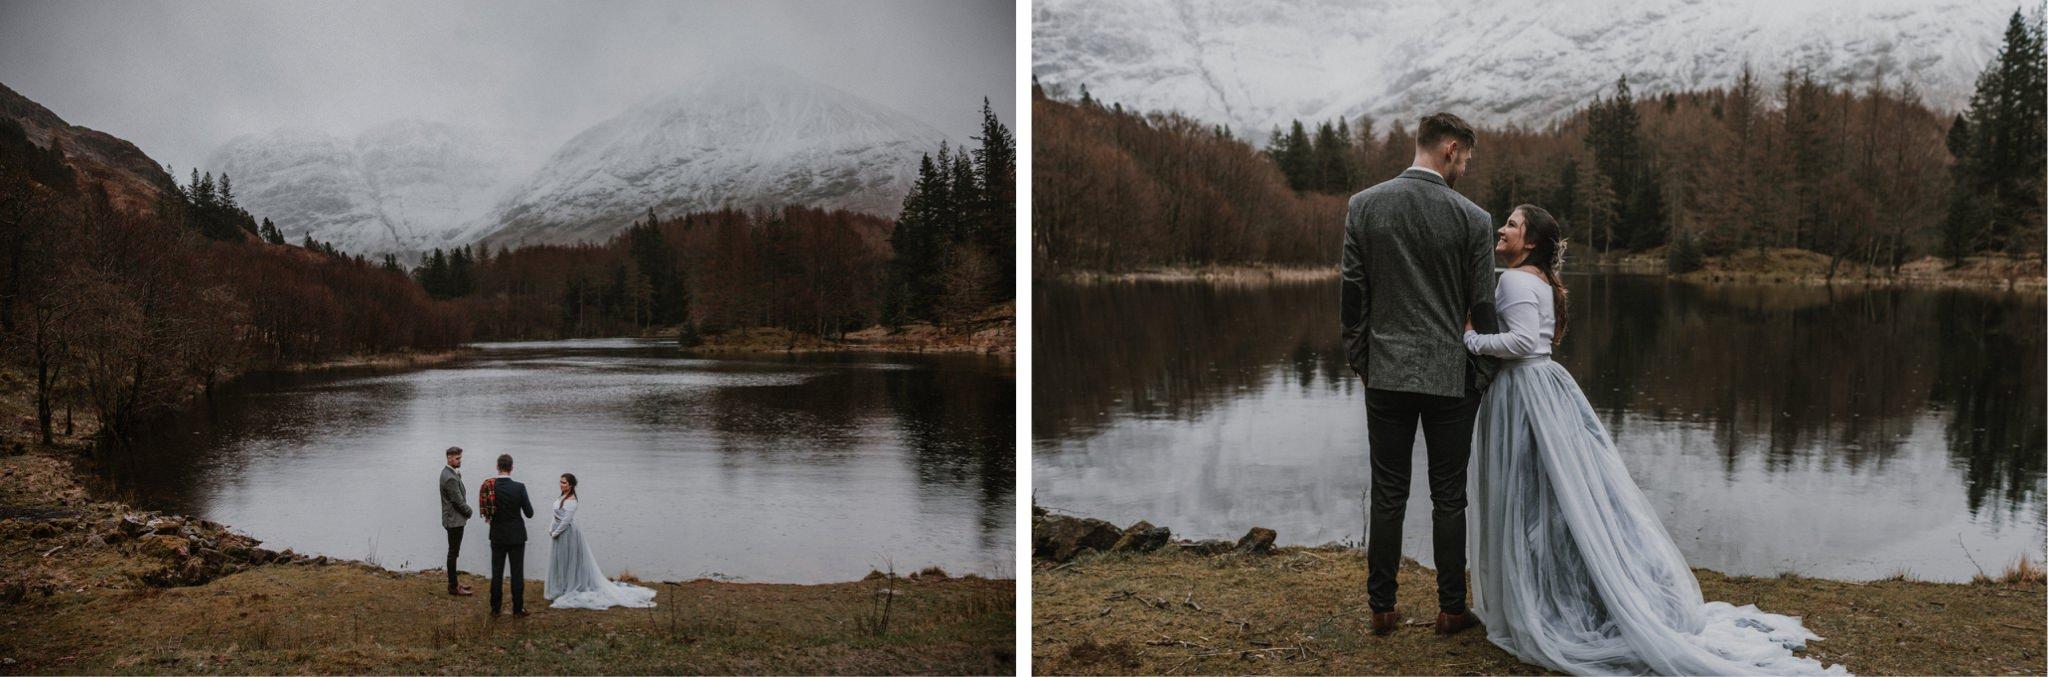 Outdoor humanist elopement wedding ceremony in Glencoe Scotland